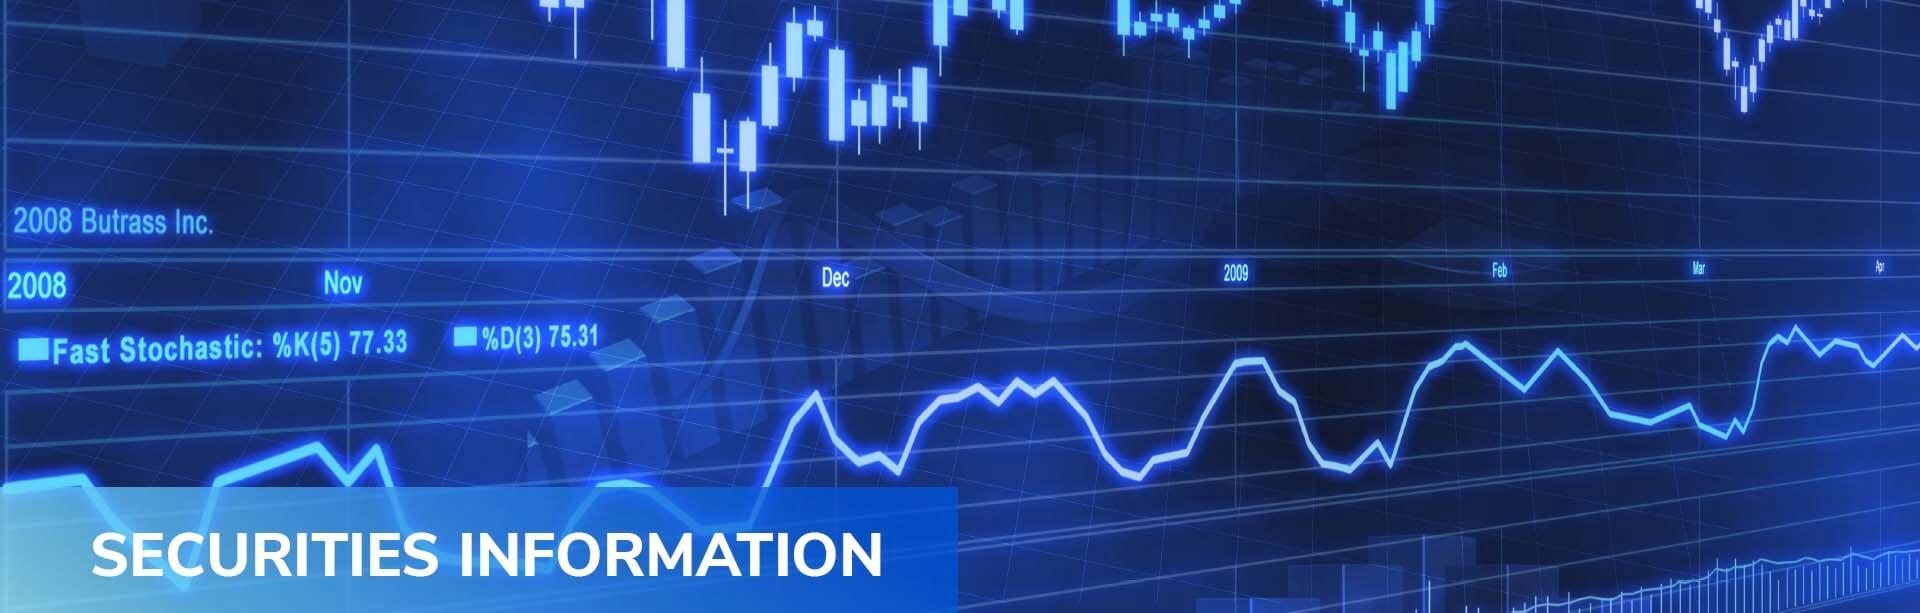 securities information